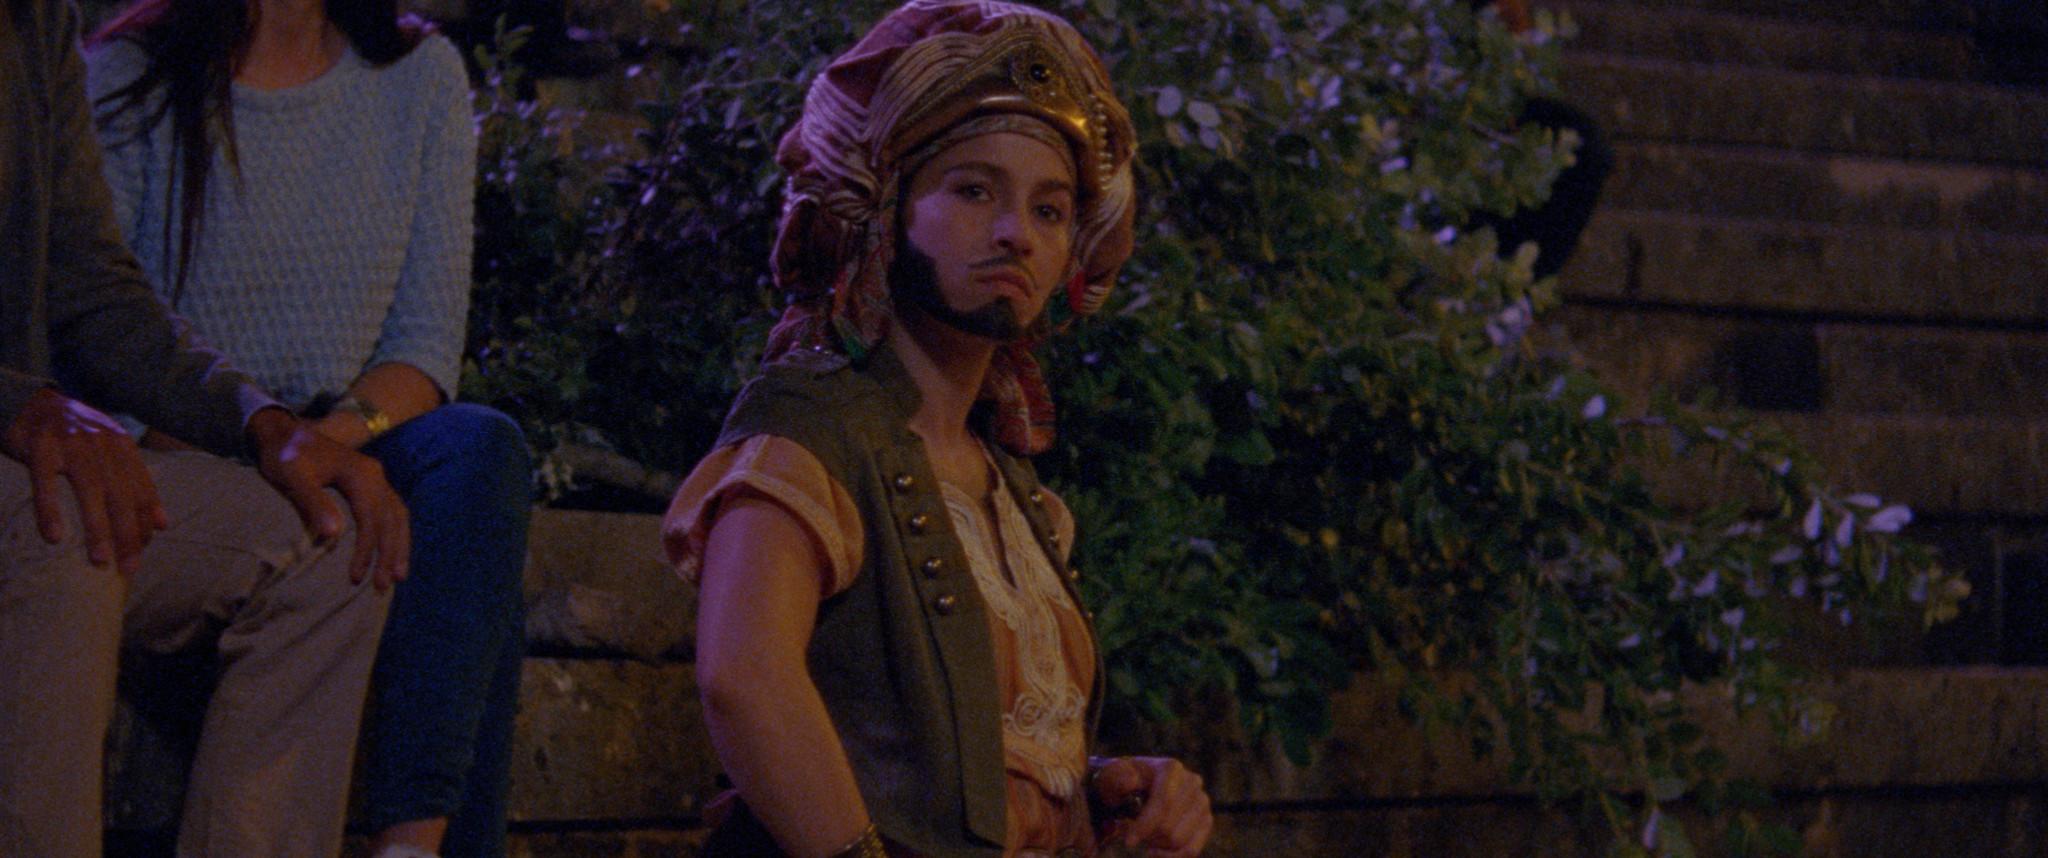 Arabian Nights - Volume 2: una scena del film di Miguel Gomes